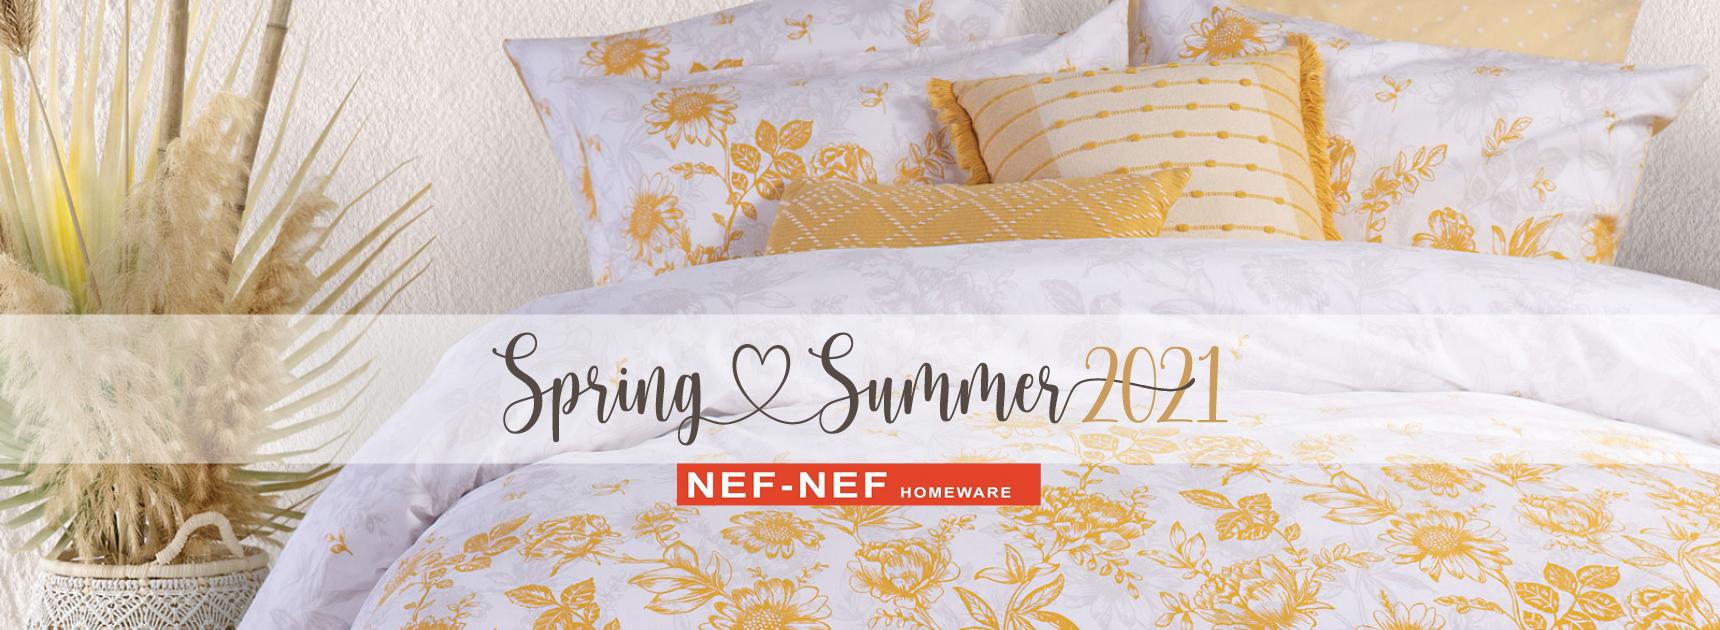 NEF-NEF Slide 1